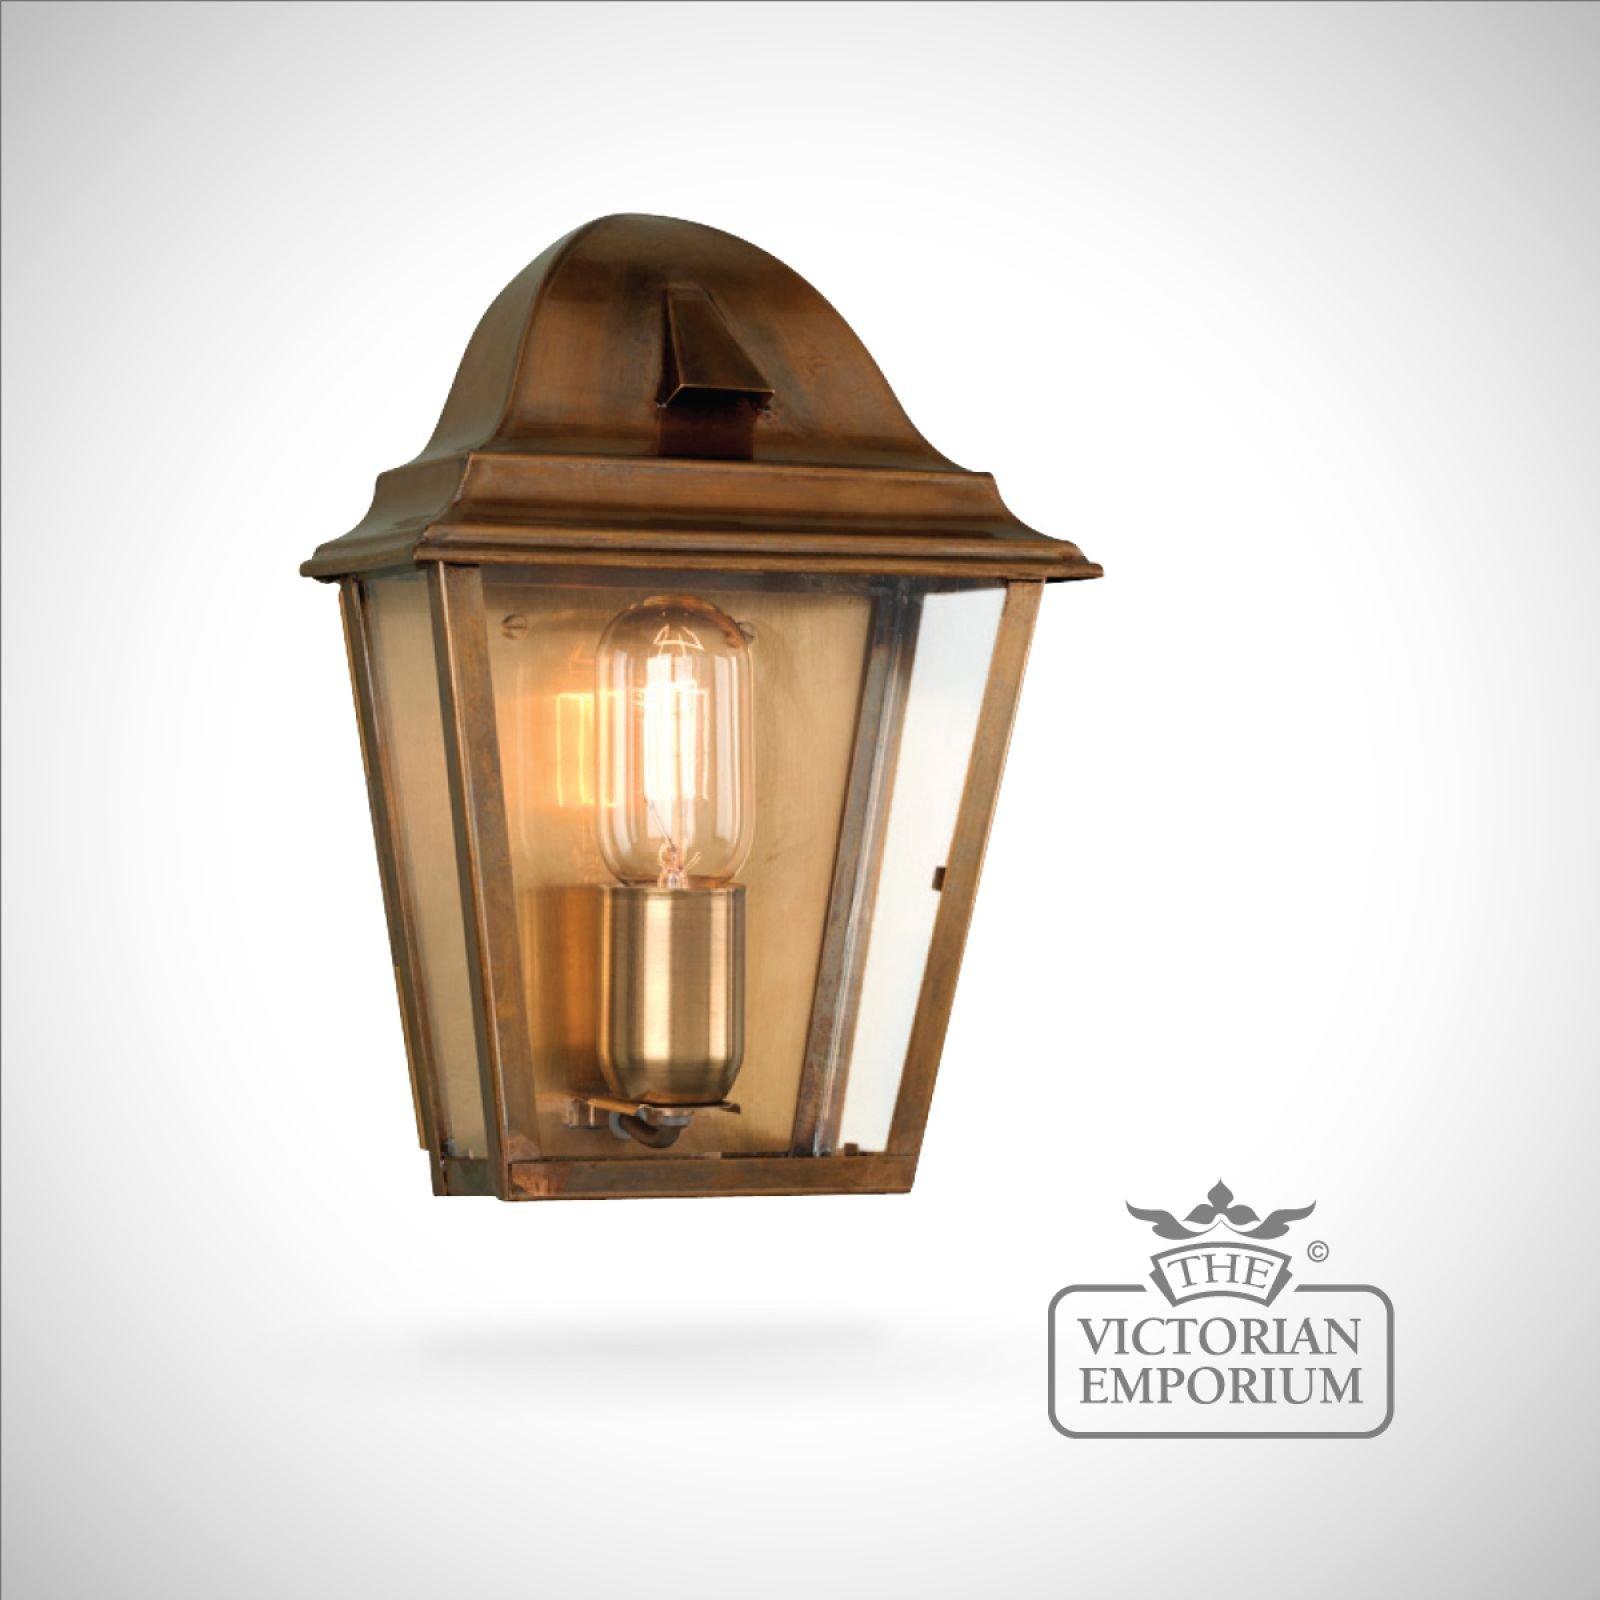 Decorative Outside Wall Lights : St James brass wall lantern - antique brass - Outdoor Wall Lights